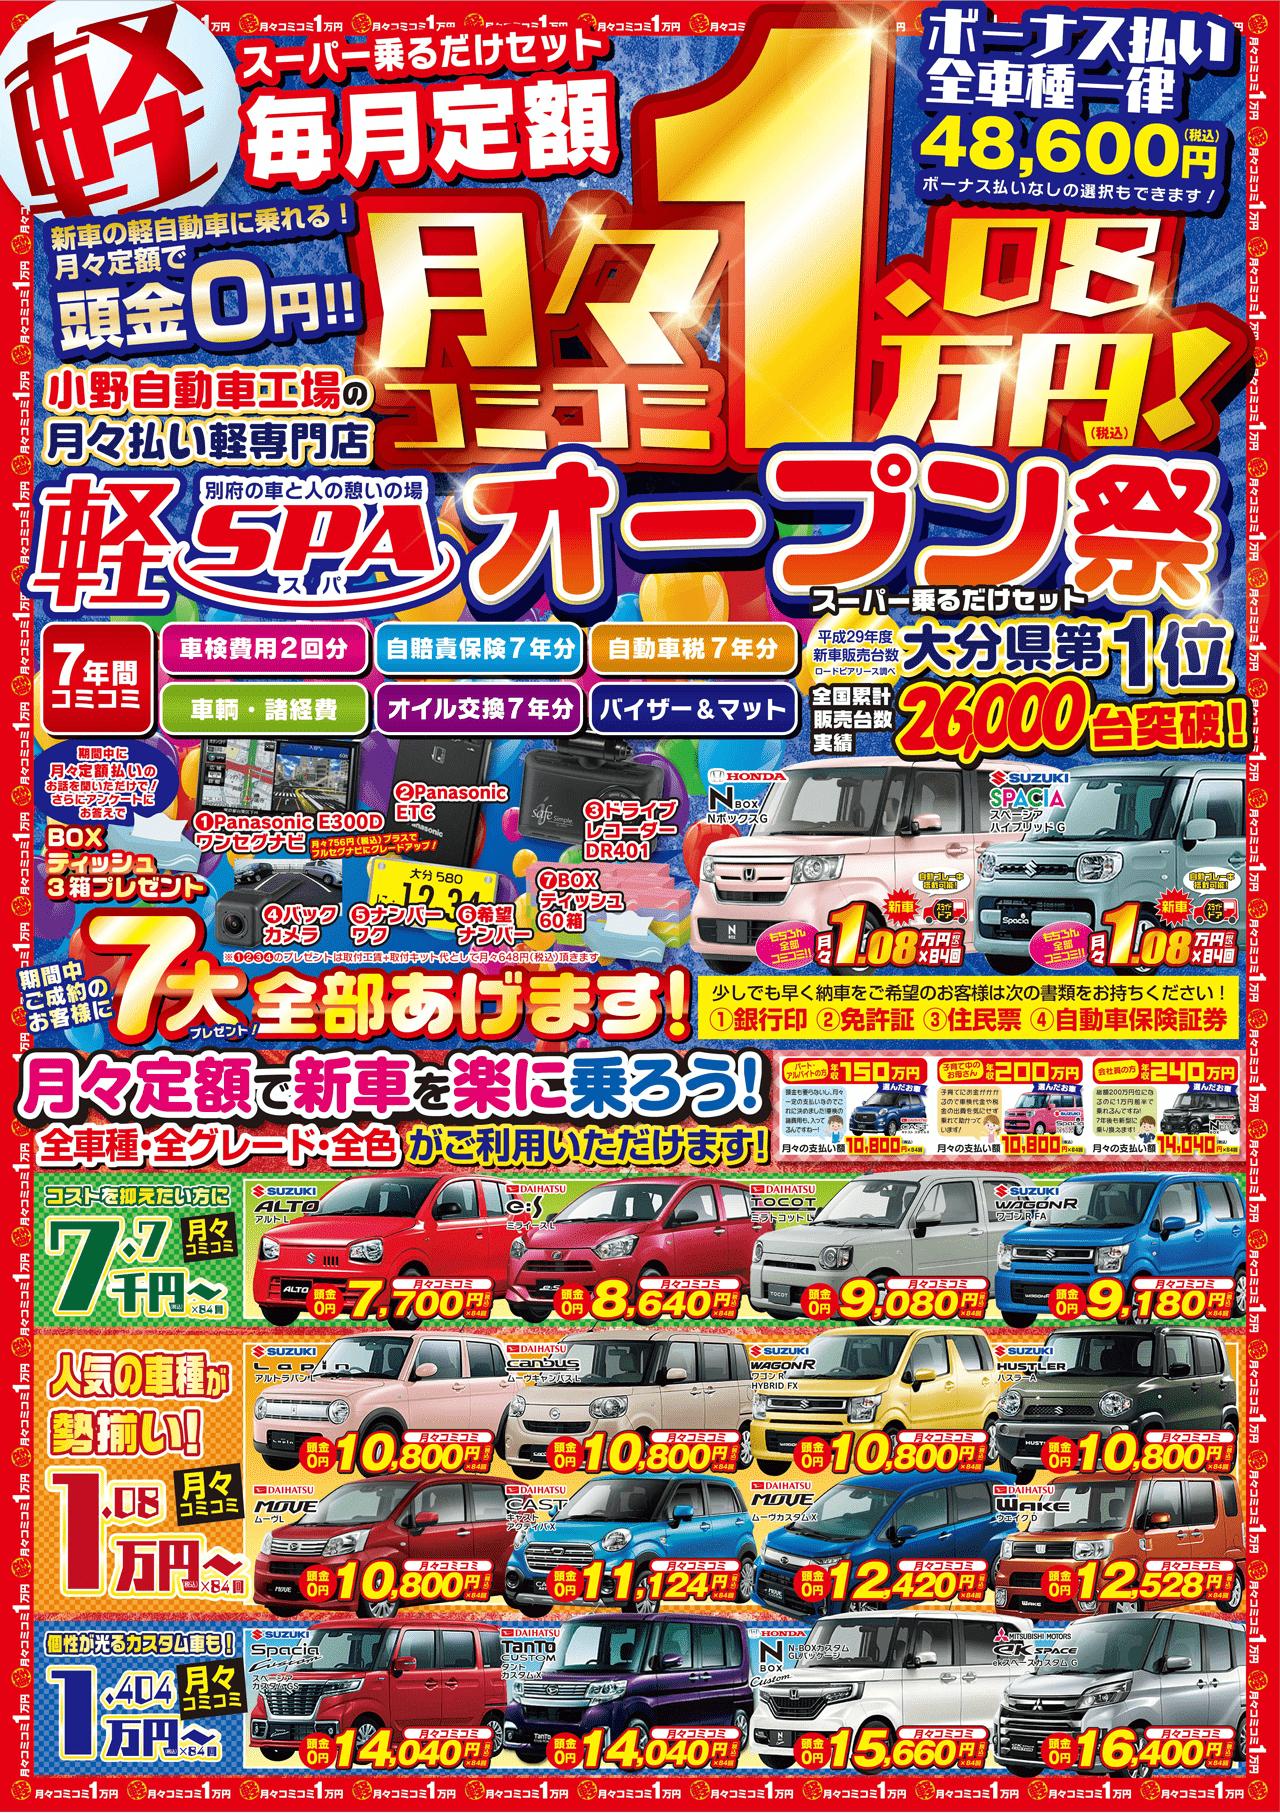 軽スパオープン祭!!